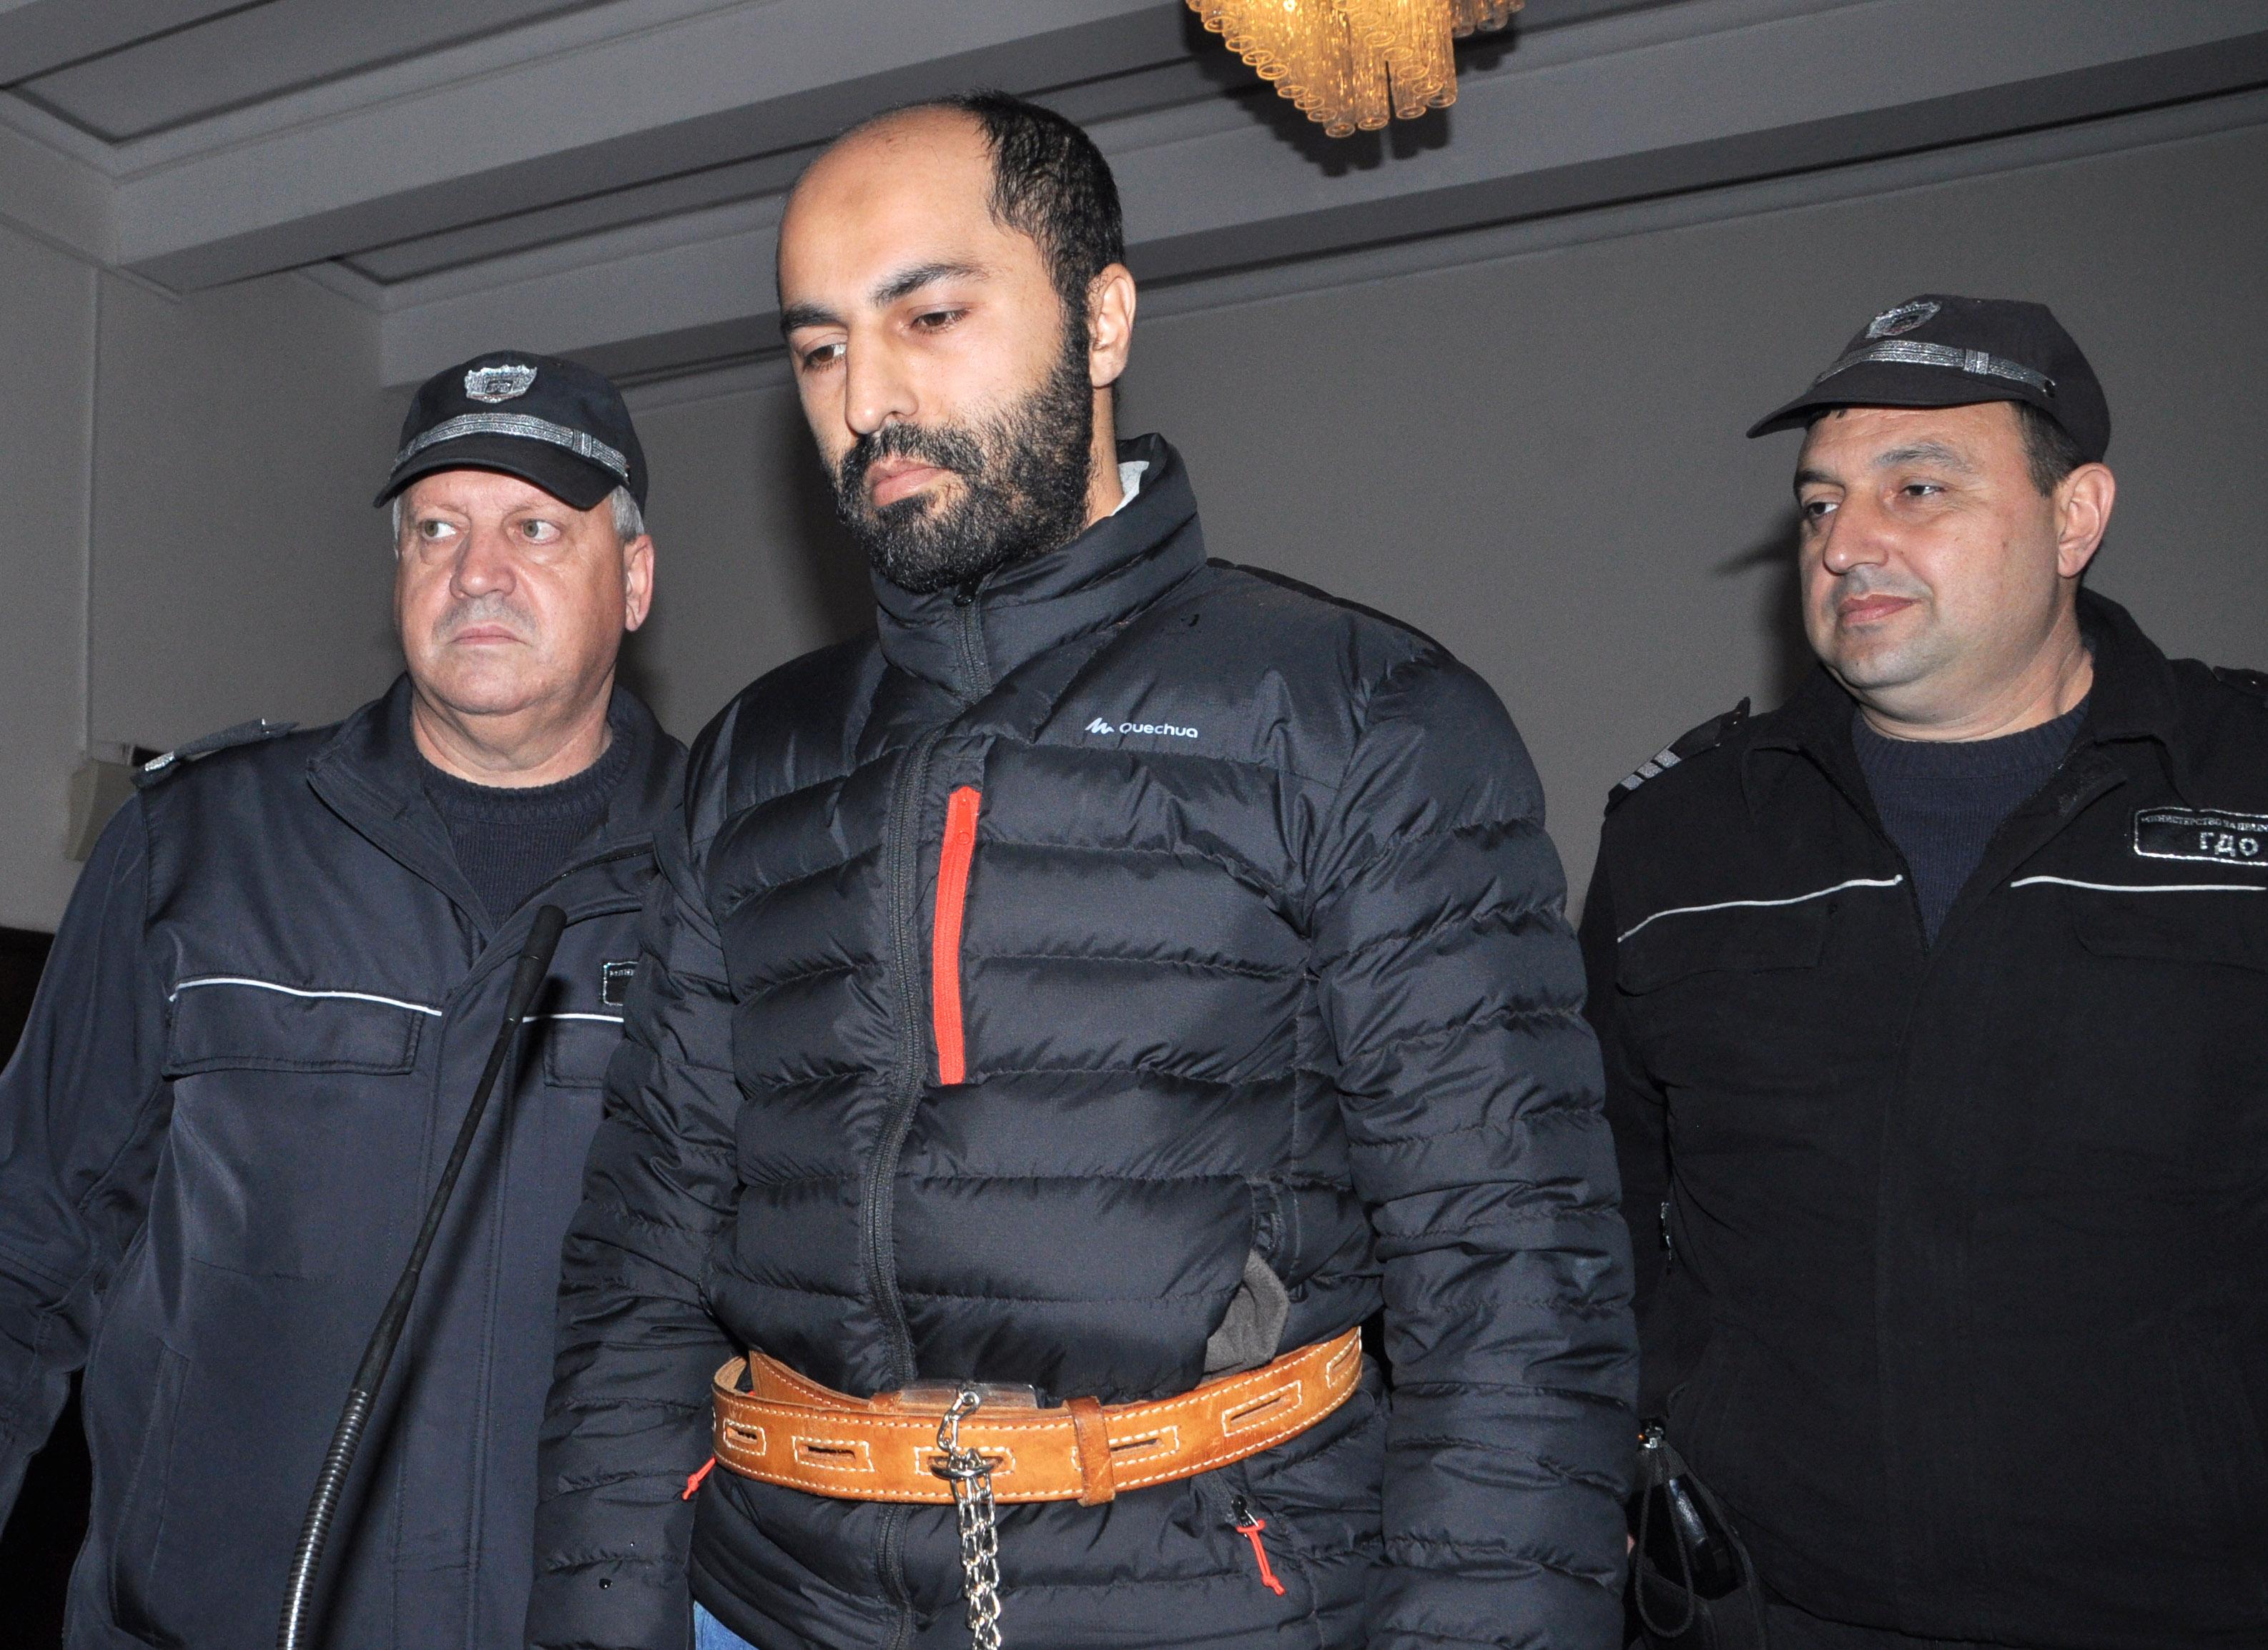 Издирваният за тероризъм Захри ще бъде екстрадиран